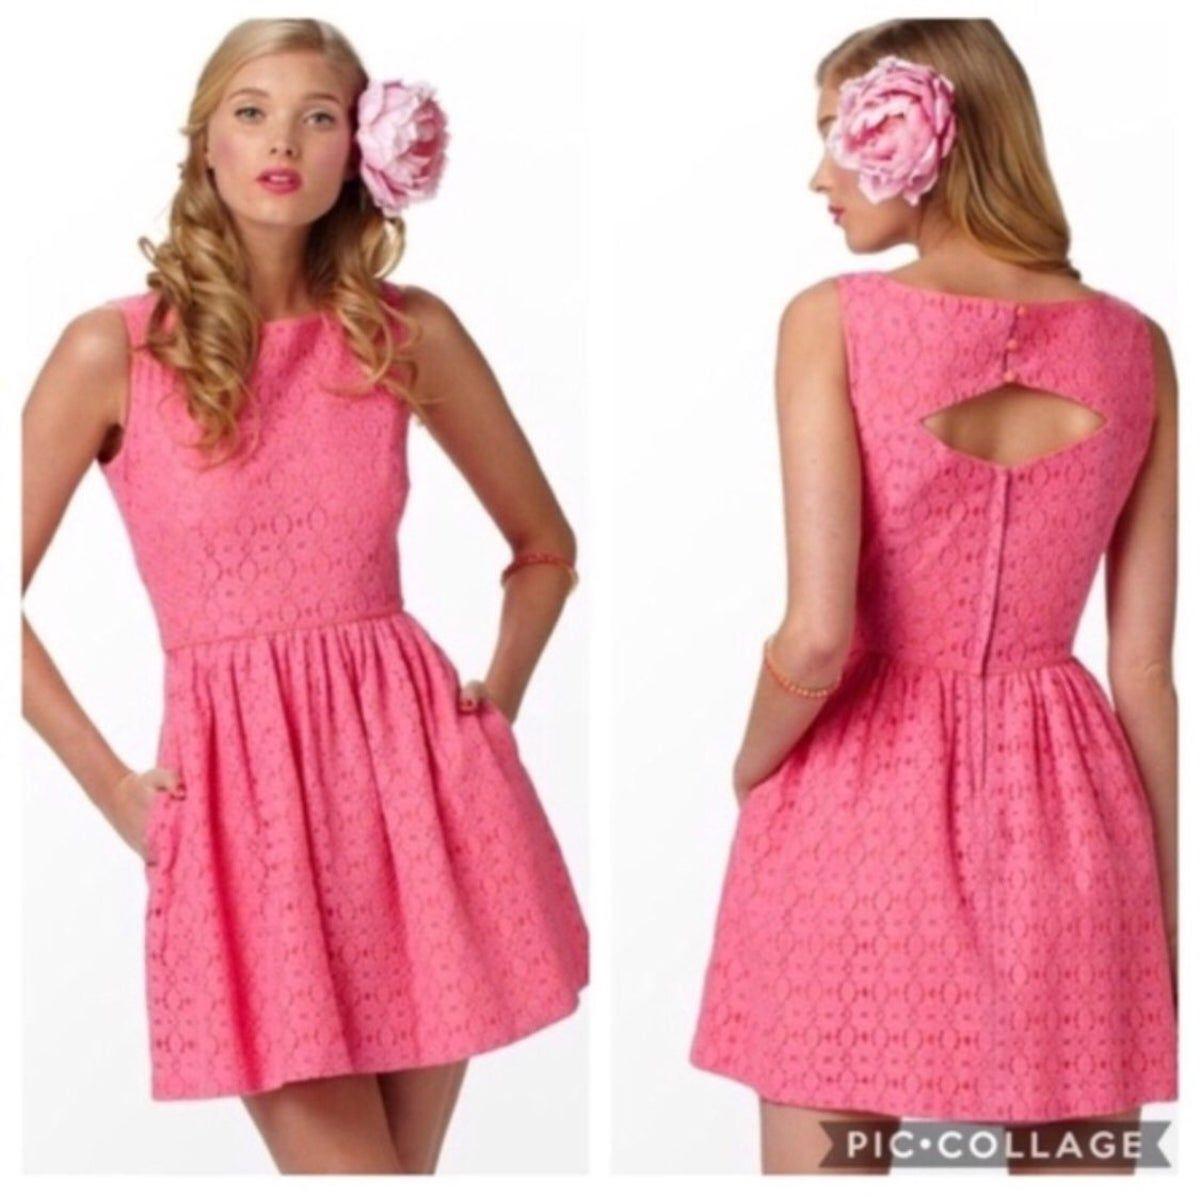 Lilly Pulitzer Aleesa Pink Lace Dress #rosaspitzenkleider